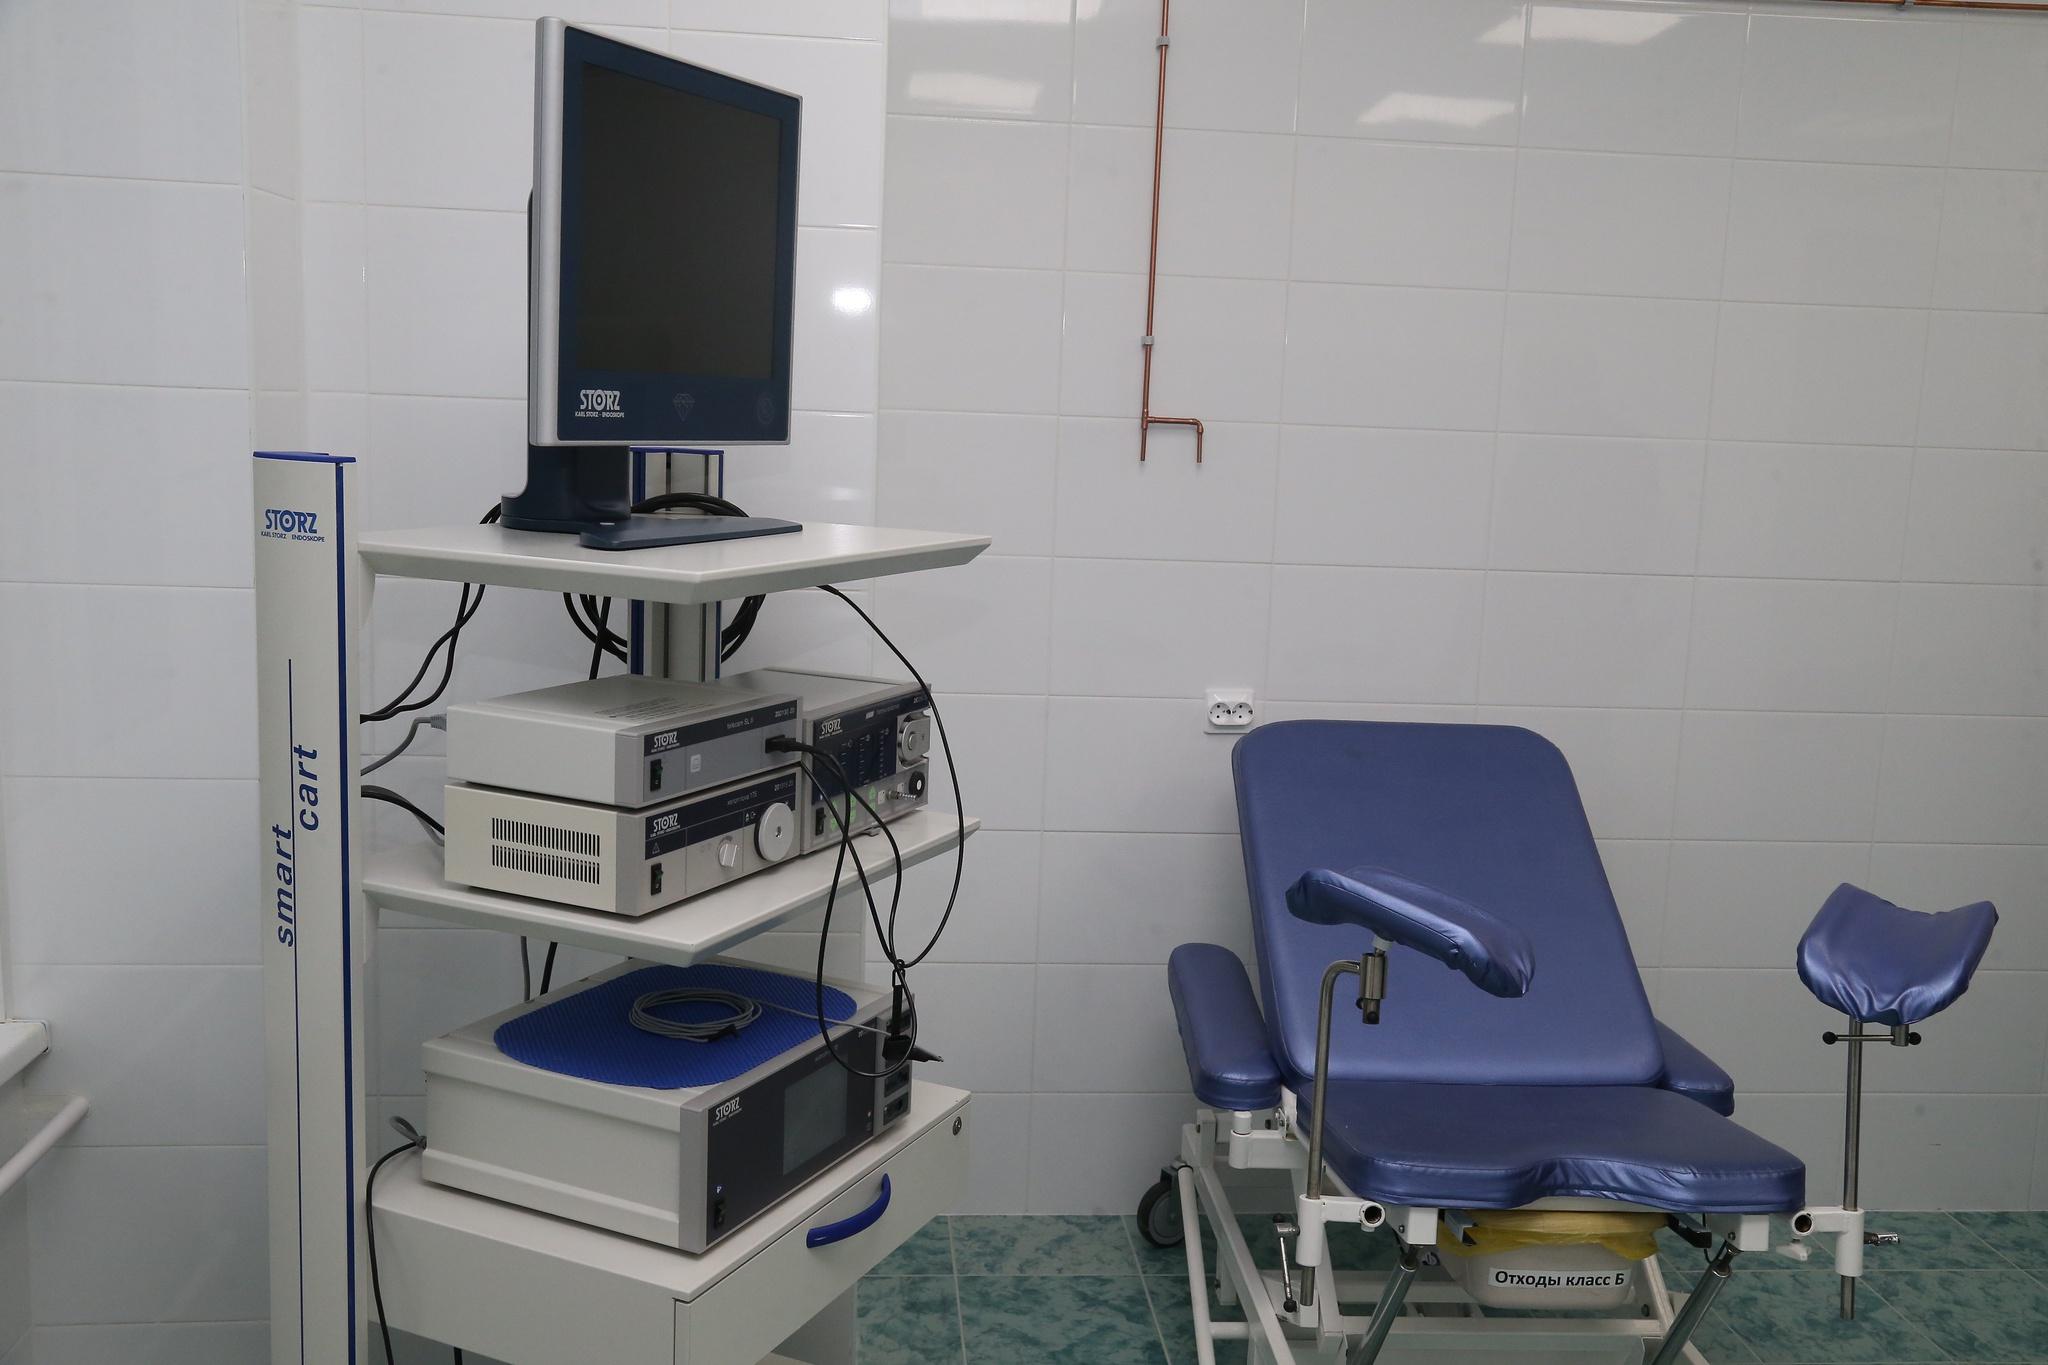 Домодедово городская поликлиника расписание врачей